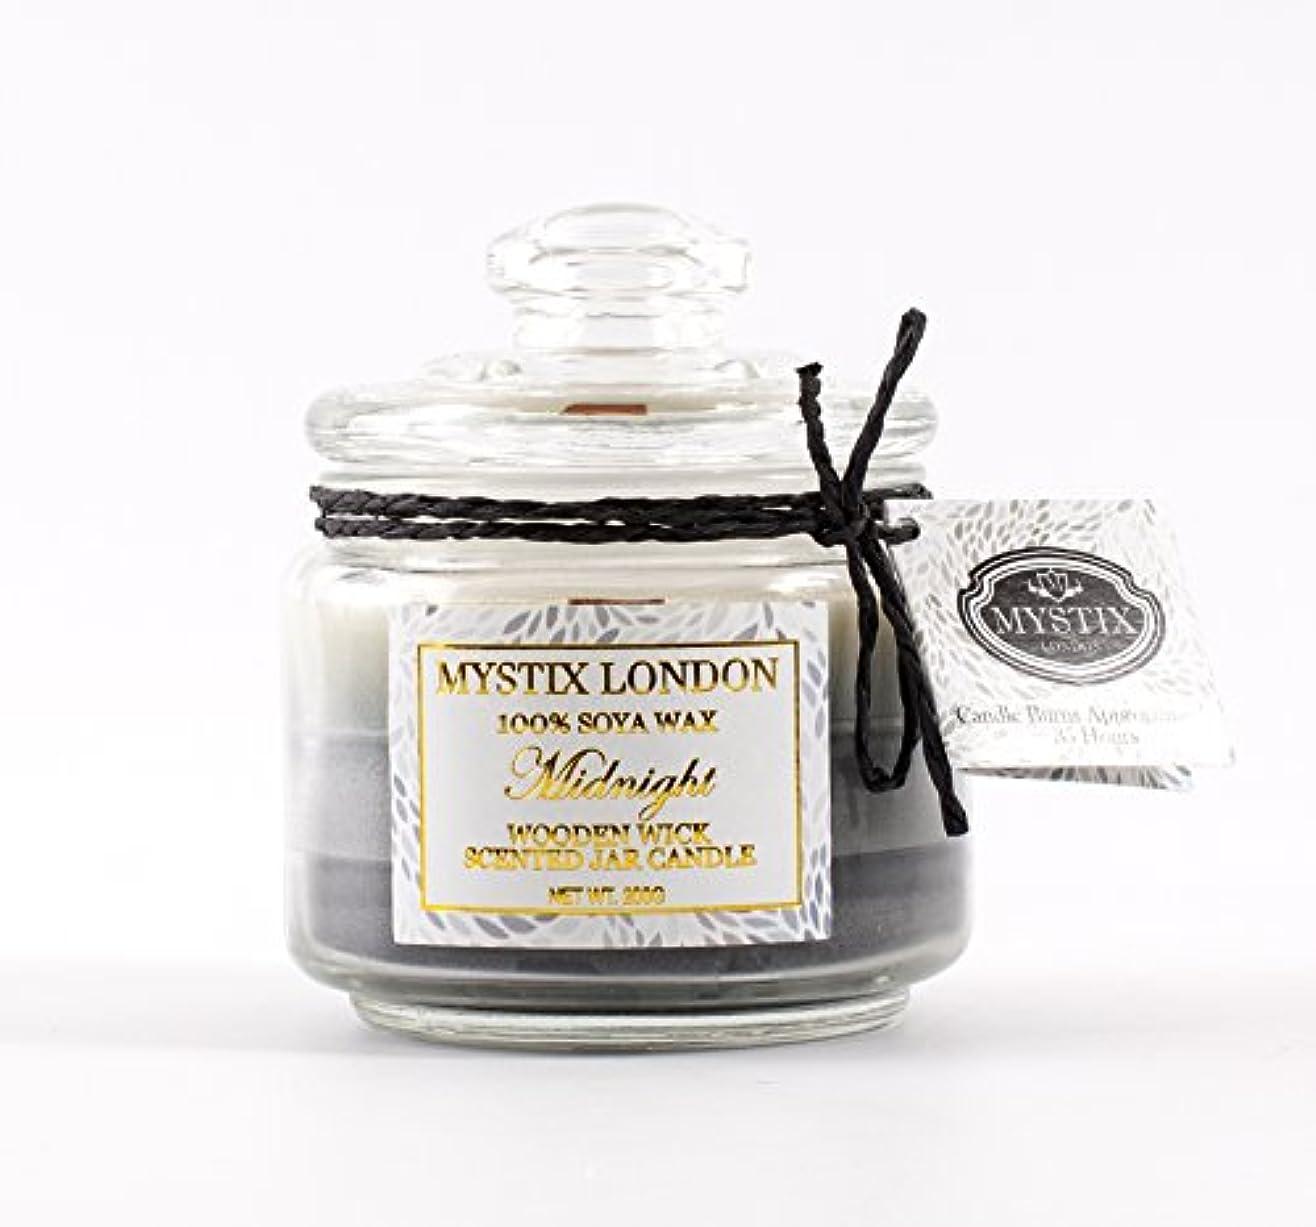 負スケルトン絶壁Mystix London   Midnight Wooden Wick Scented Jar Candle 200g